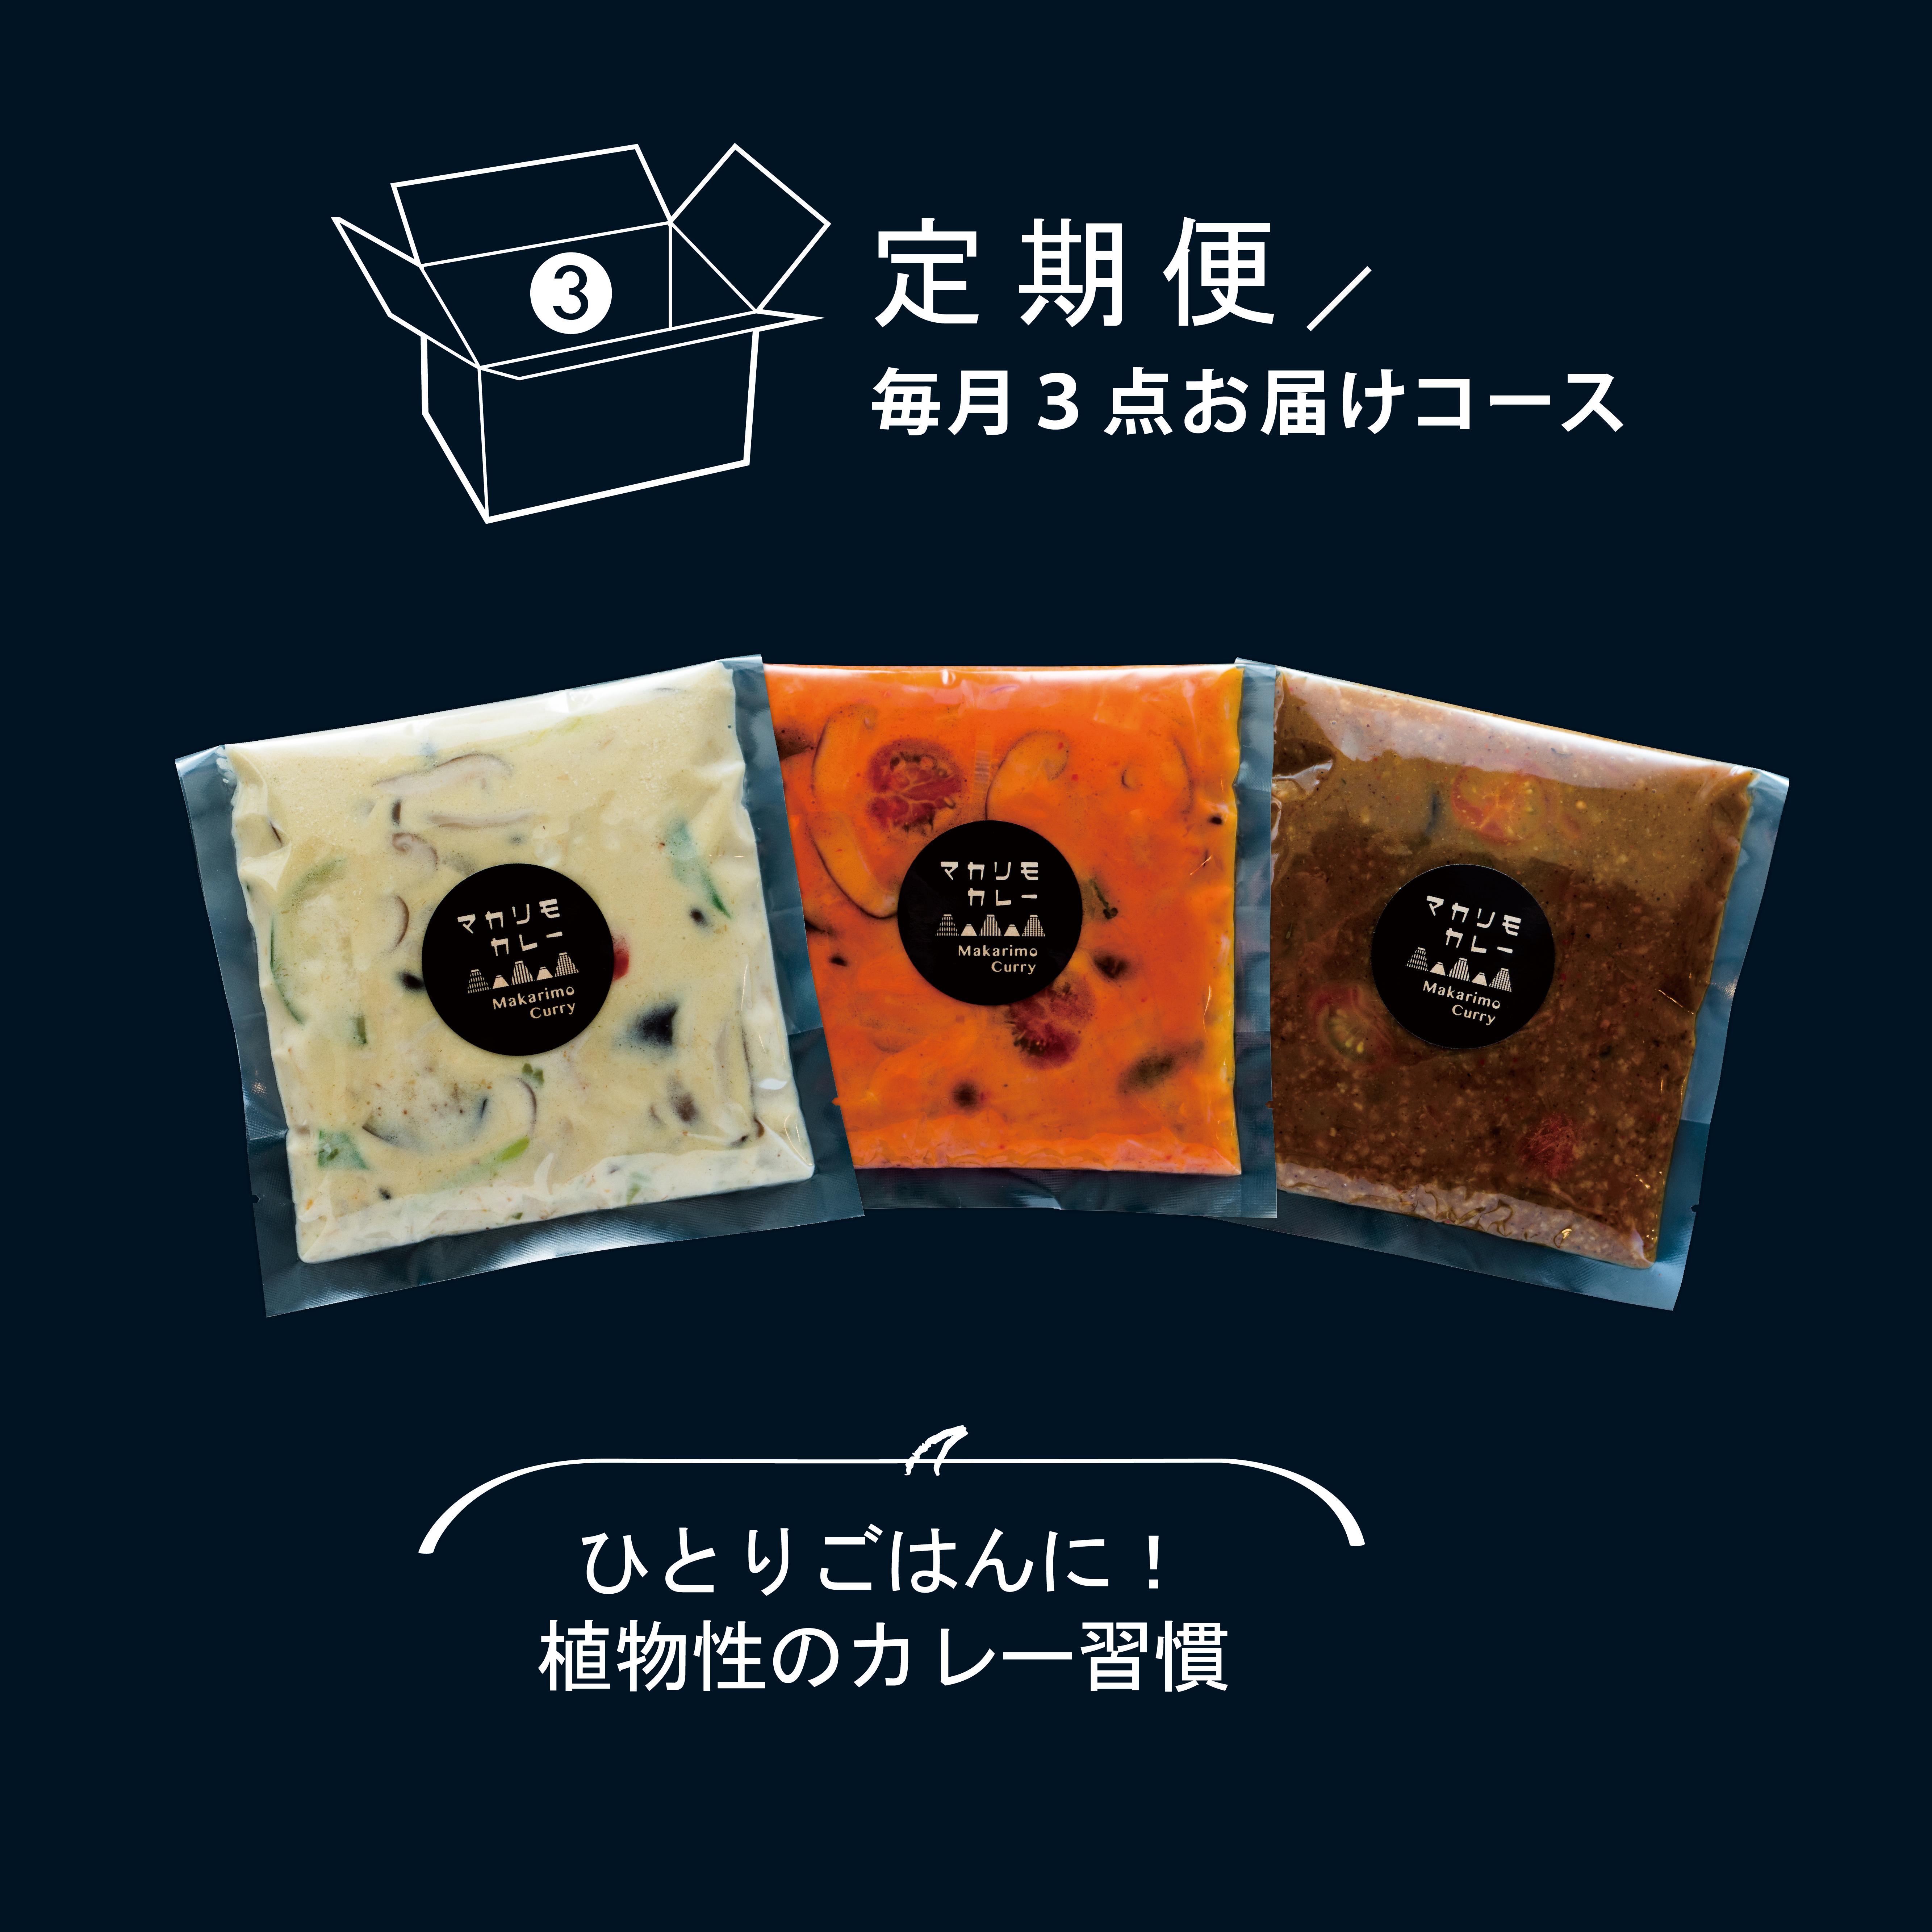 冷凍カレールウ / 毎月3点お届けコース